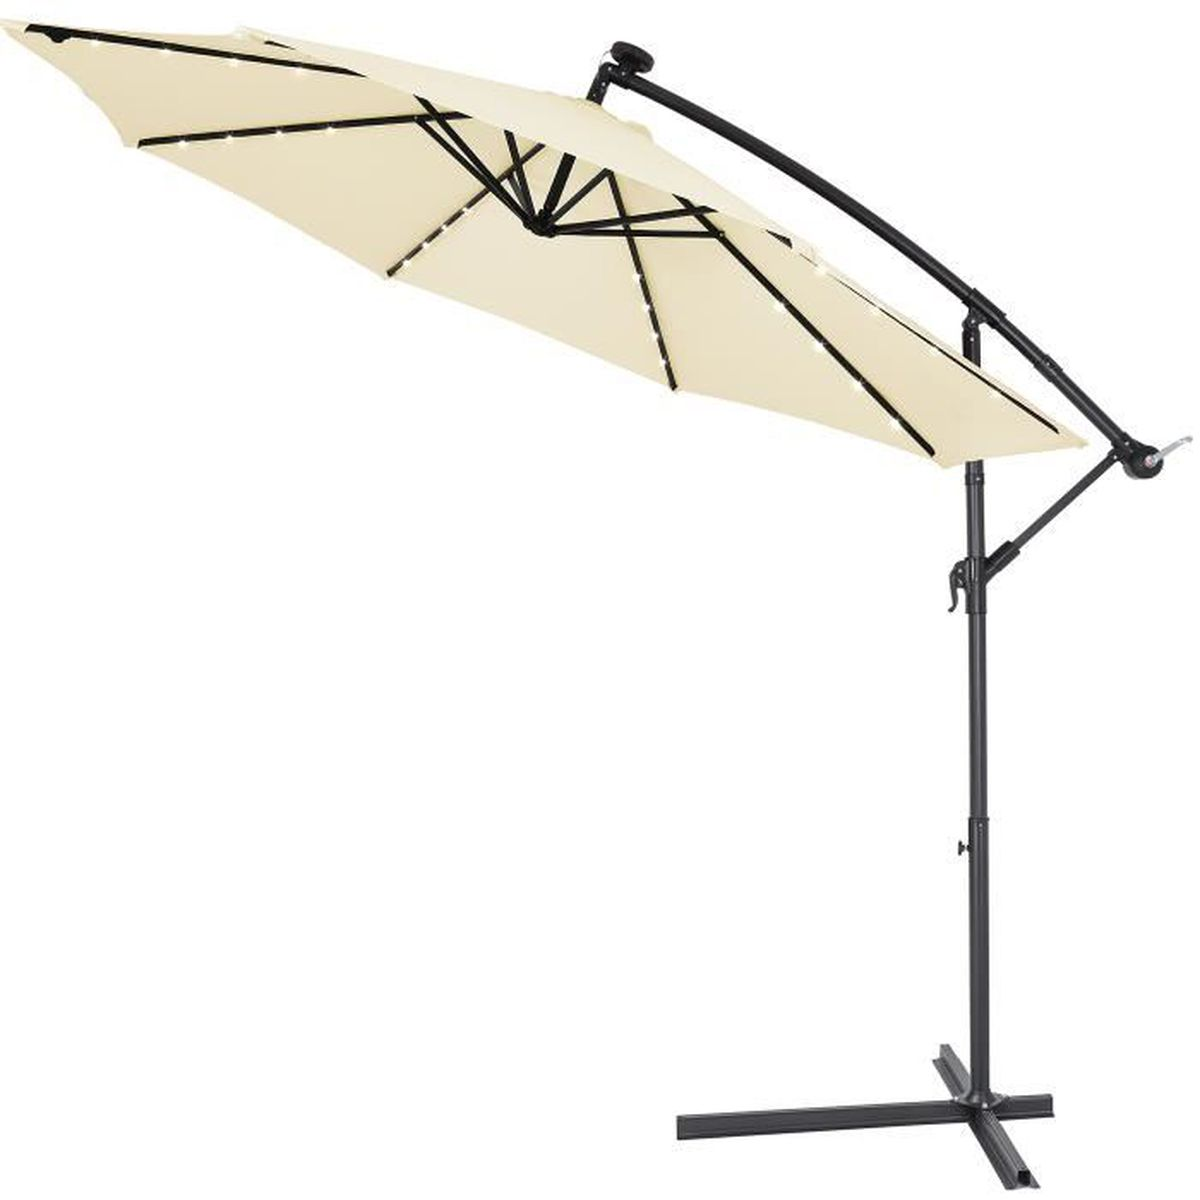 Eclairage Solaire Pour Tonnelle parasol déporté • aluminium • Ø3m • haiti • éclairage 32 led • lampe  solaire • crème | protection, manivelle • parasol de jardin